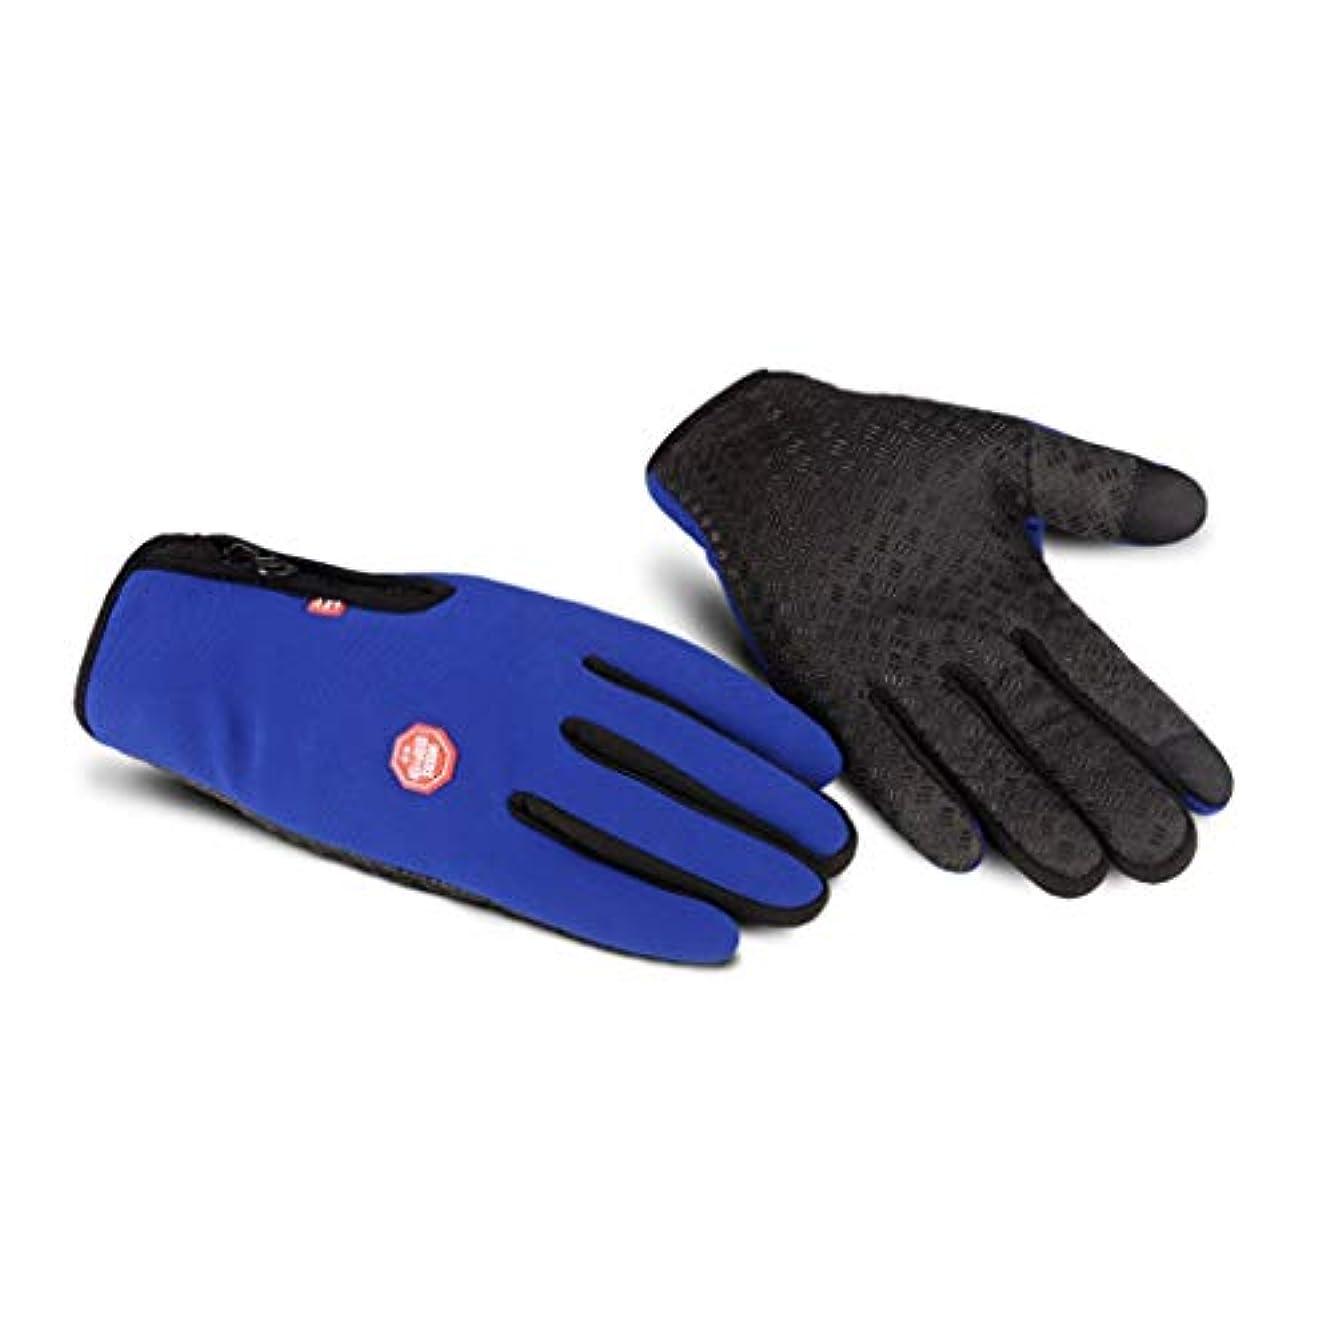 シフト一掃する反論者手袋の男性の秋と冬の自転車電動バイクの女性のタッチスクリーンはすべて防風ノンスリップ暖かいコールドプラスベルベット弾性手袋ワンサイズ青